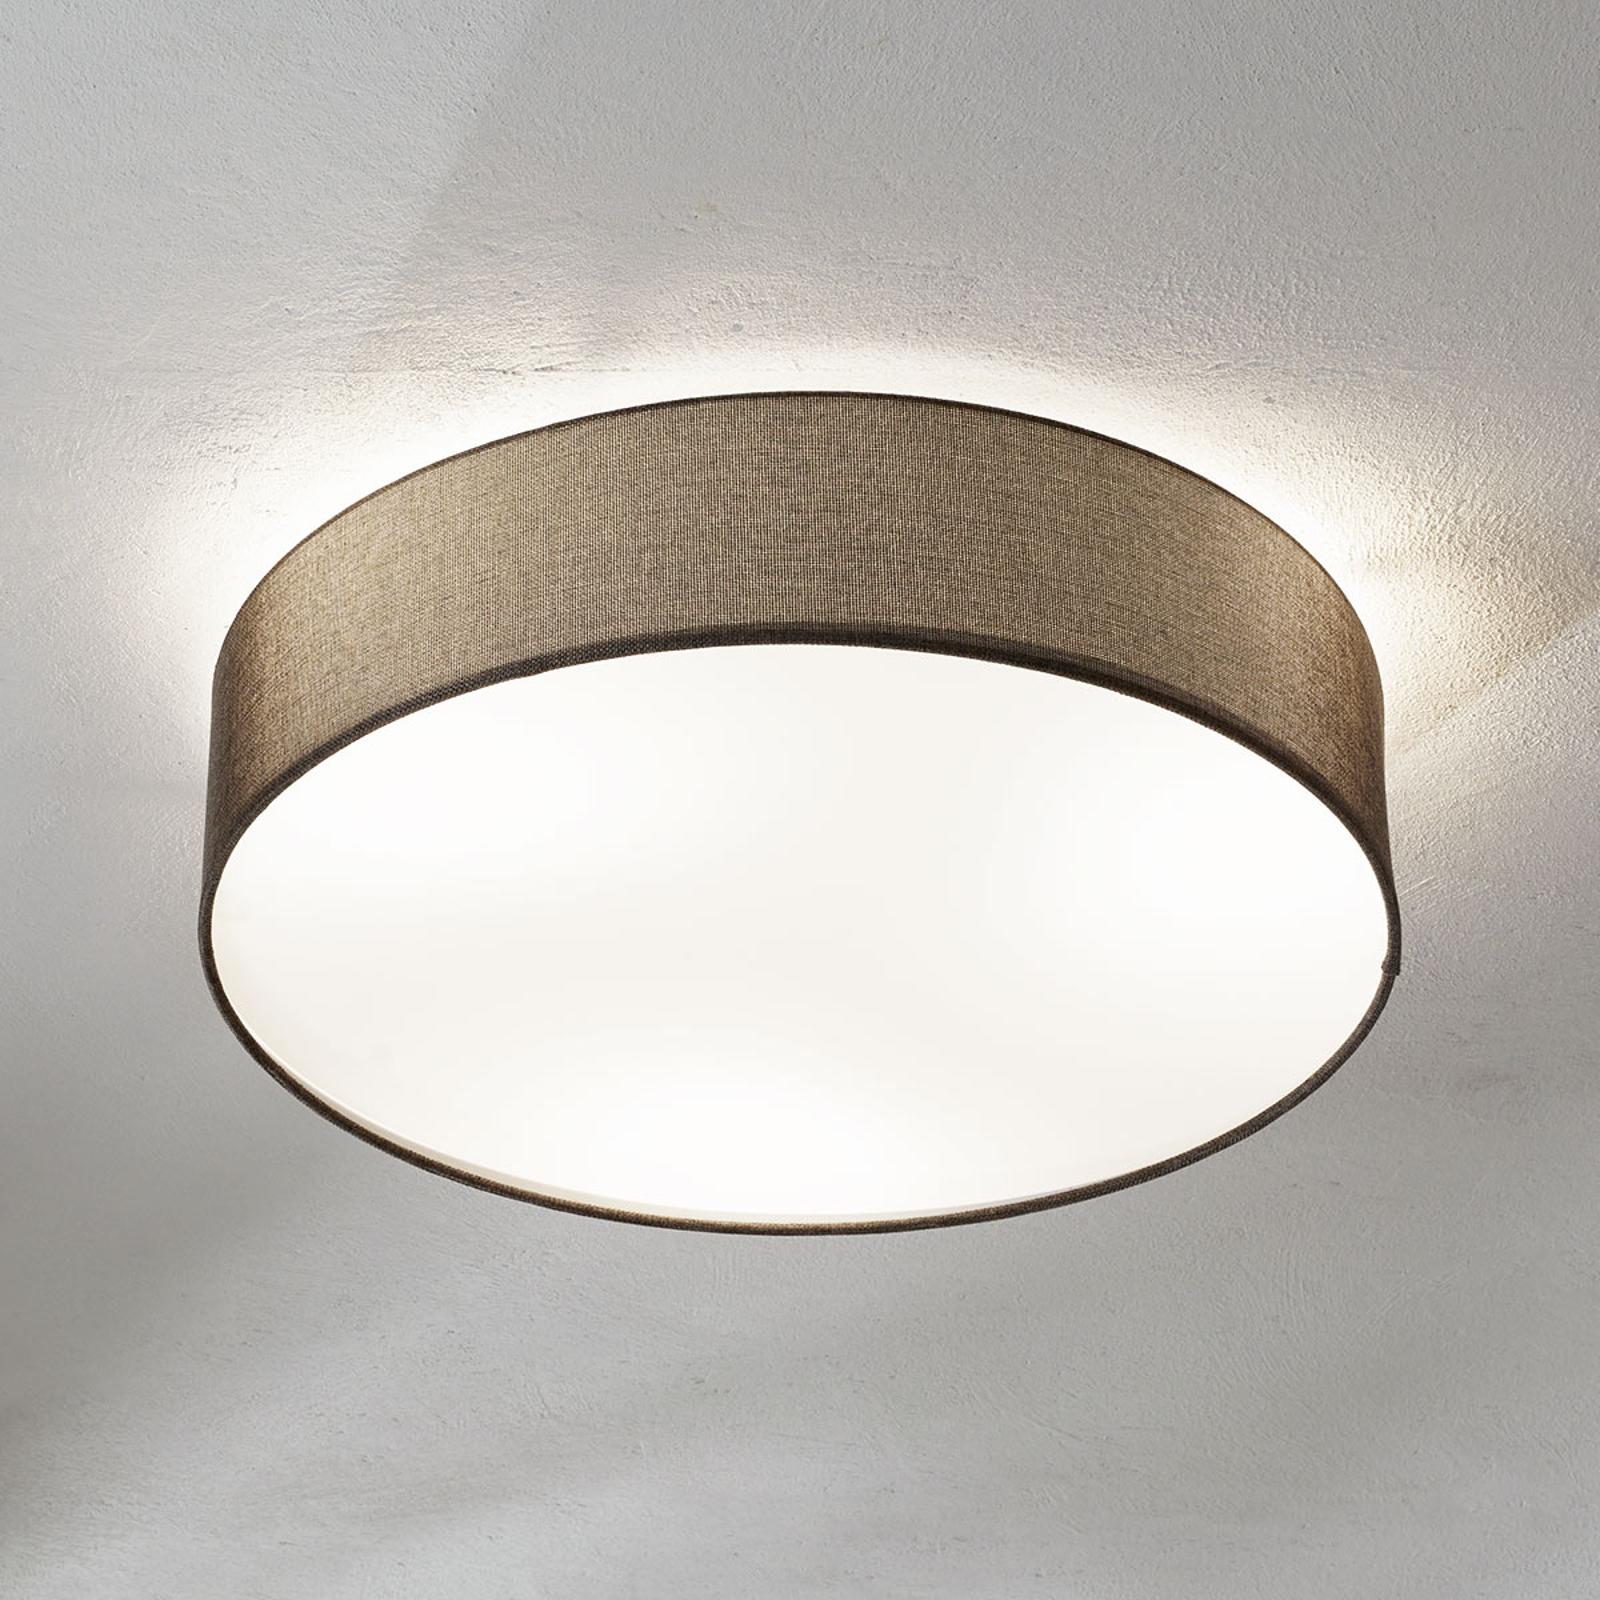 Braune Textil-Deckenlampe Pasteri 57 cm